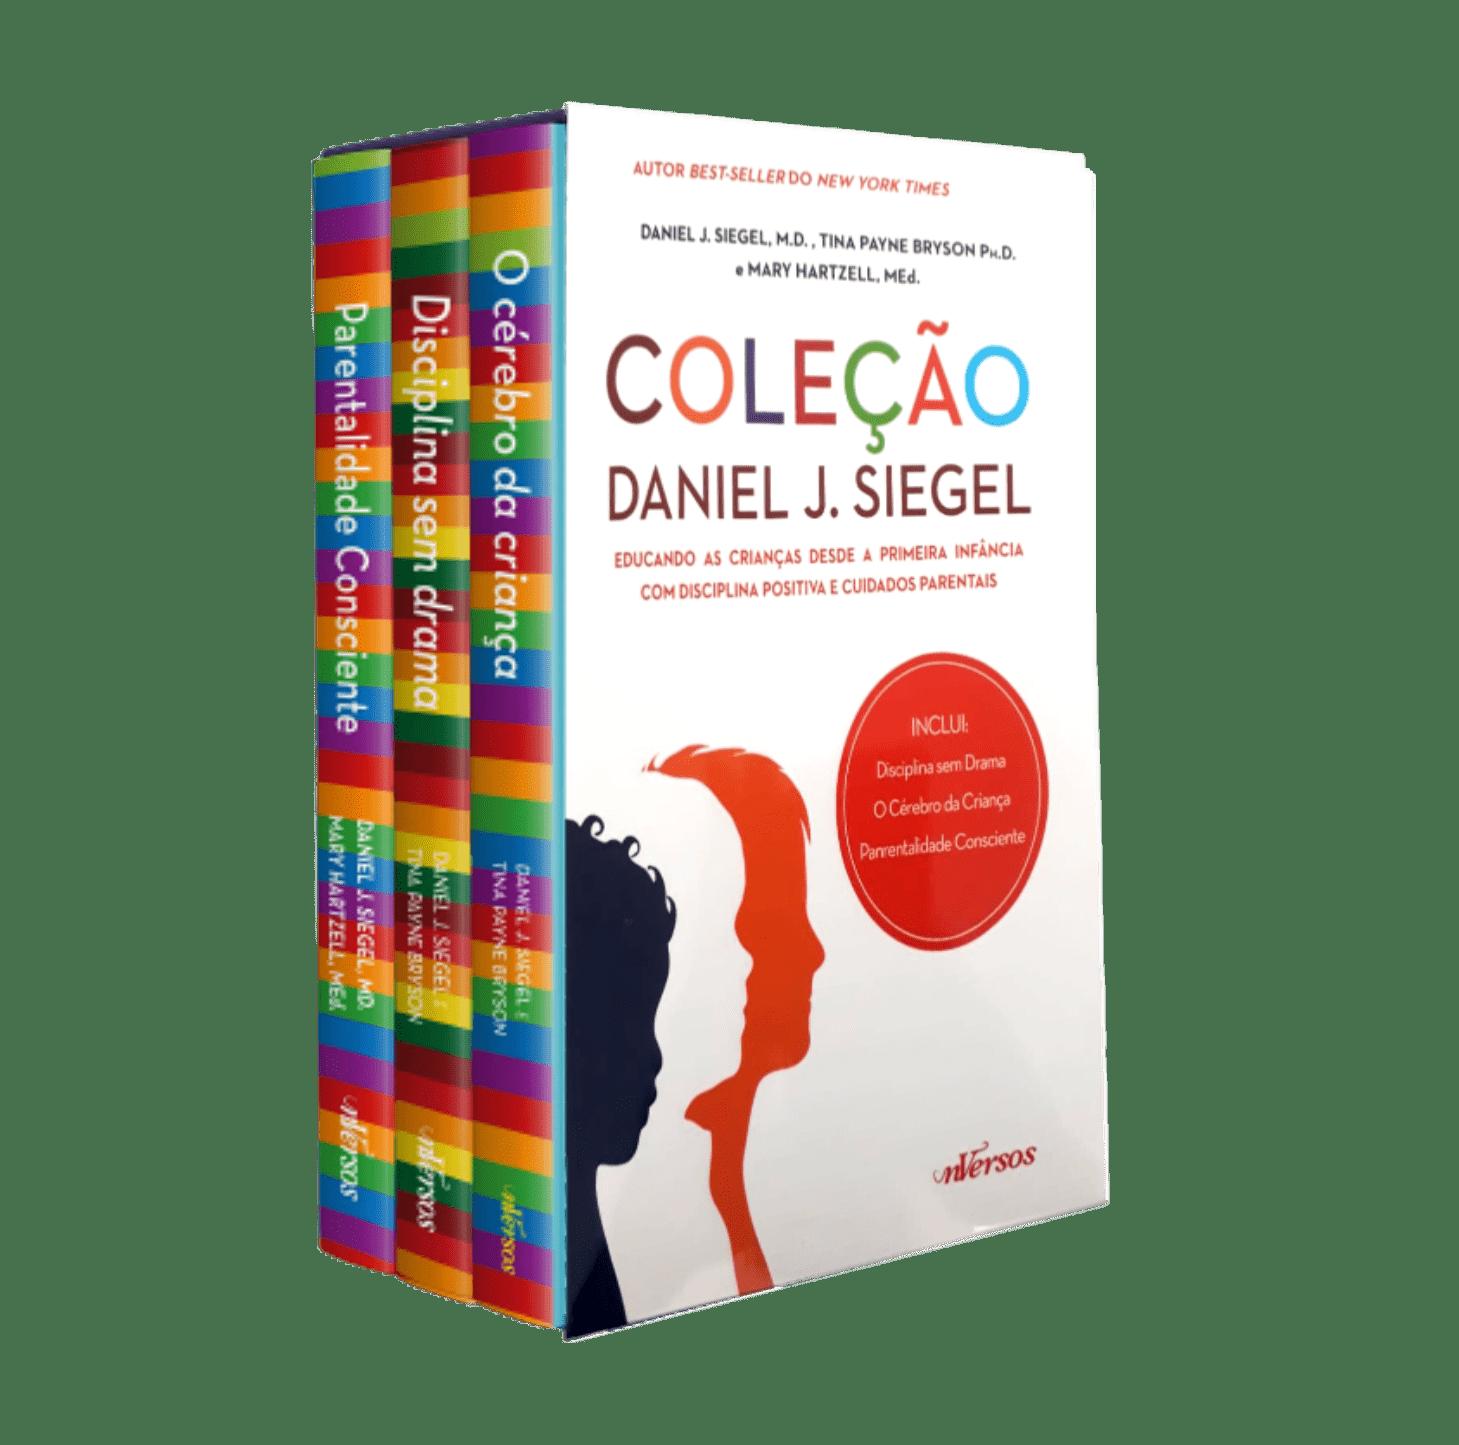 Coleção Daniel J. Siegel